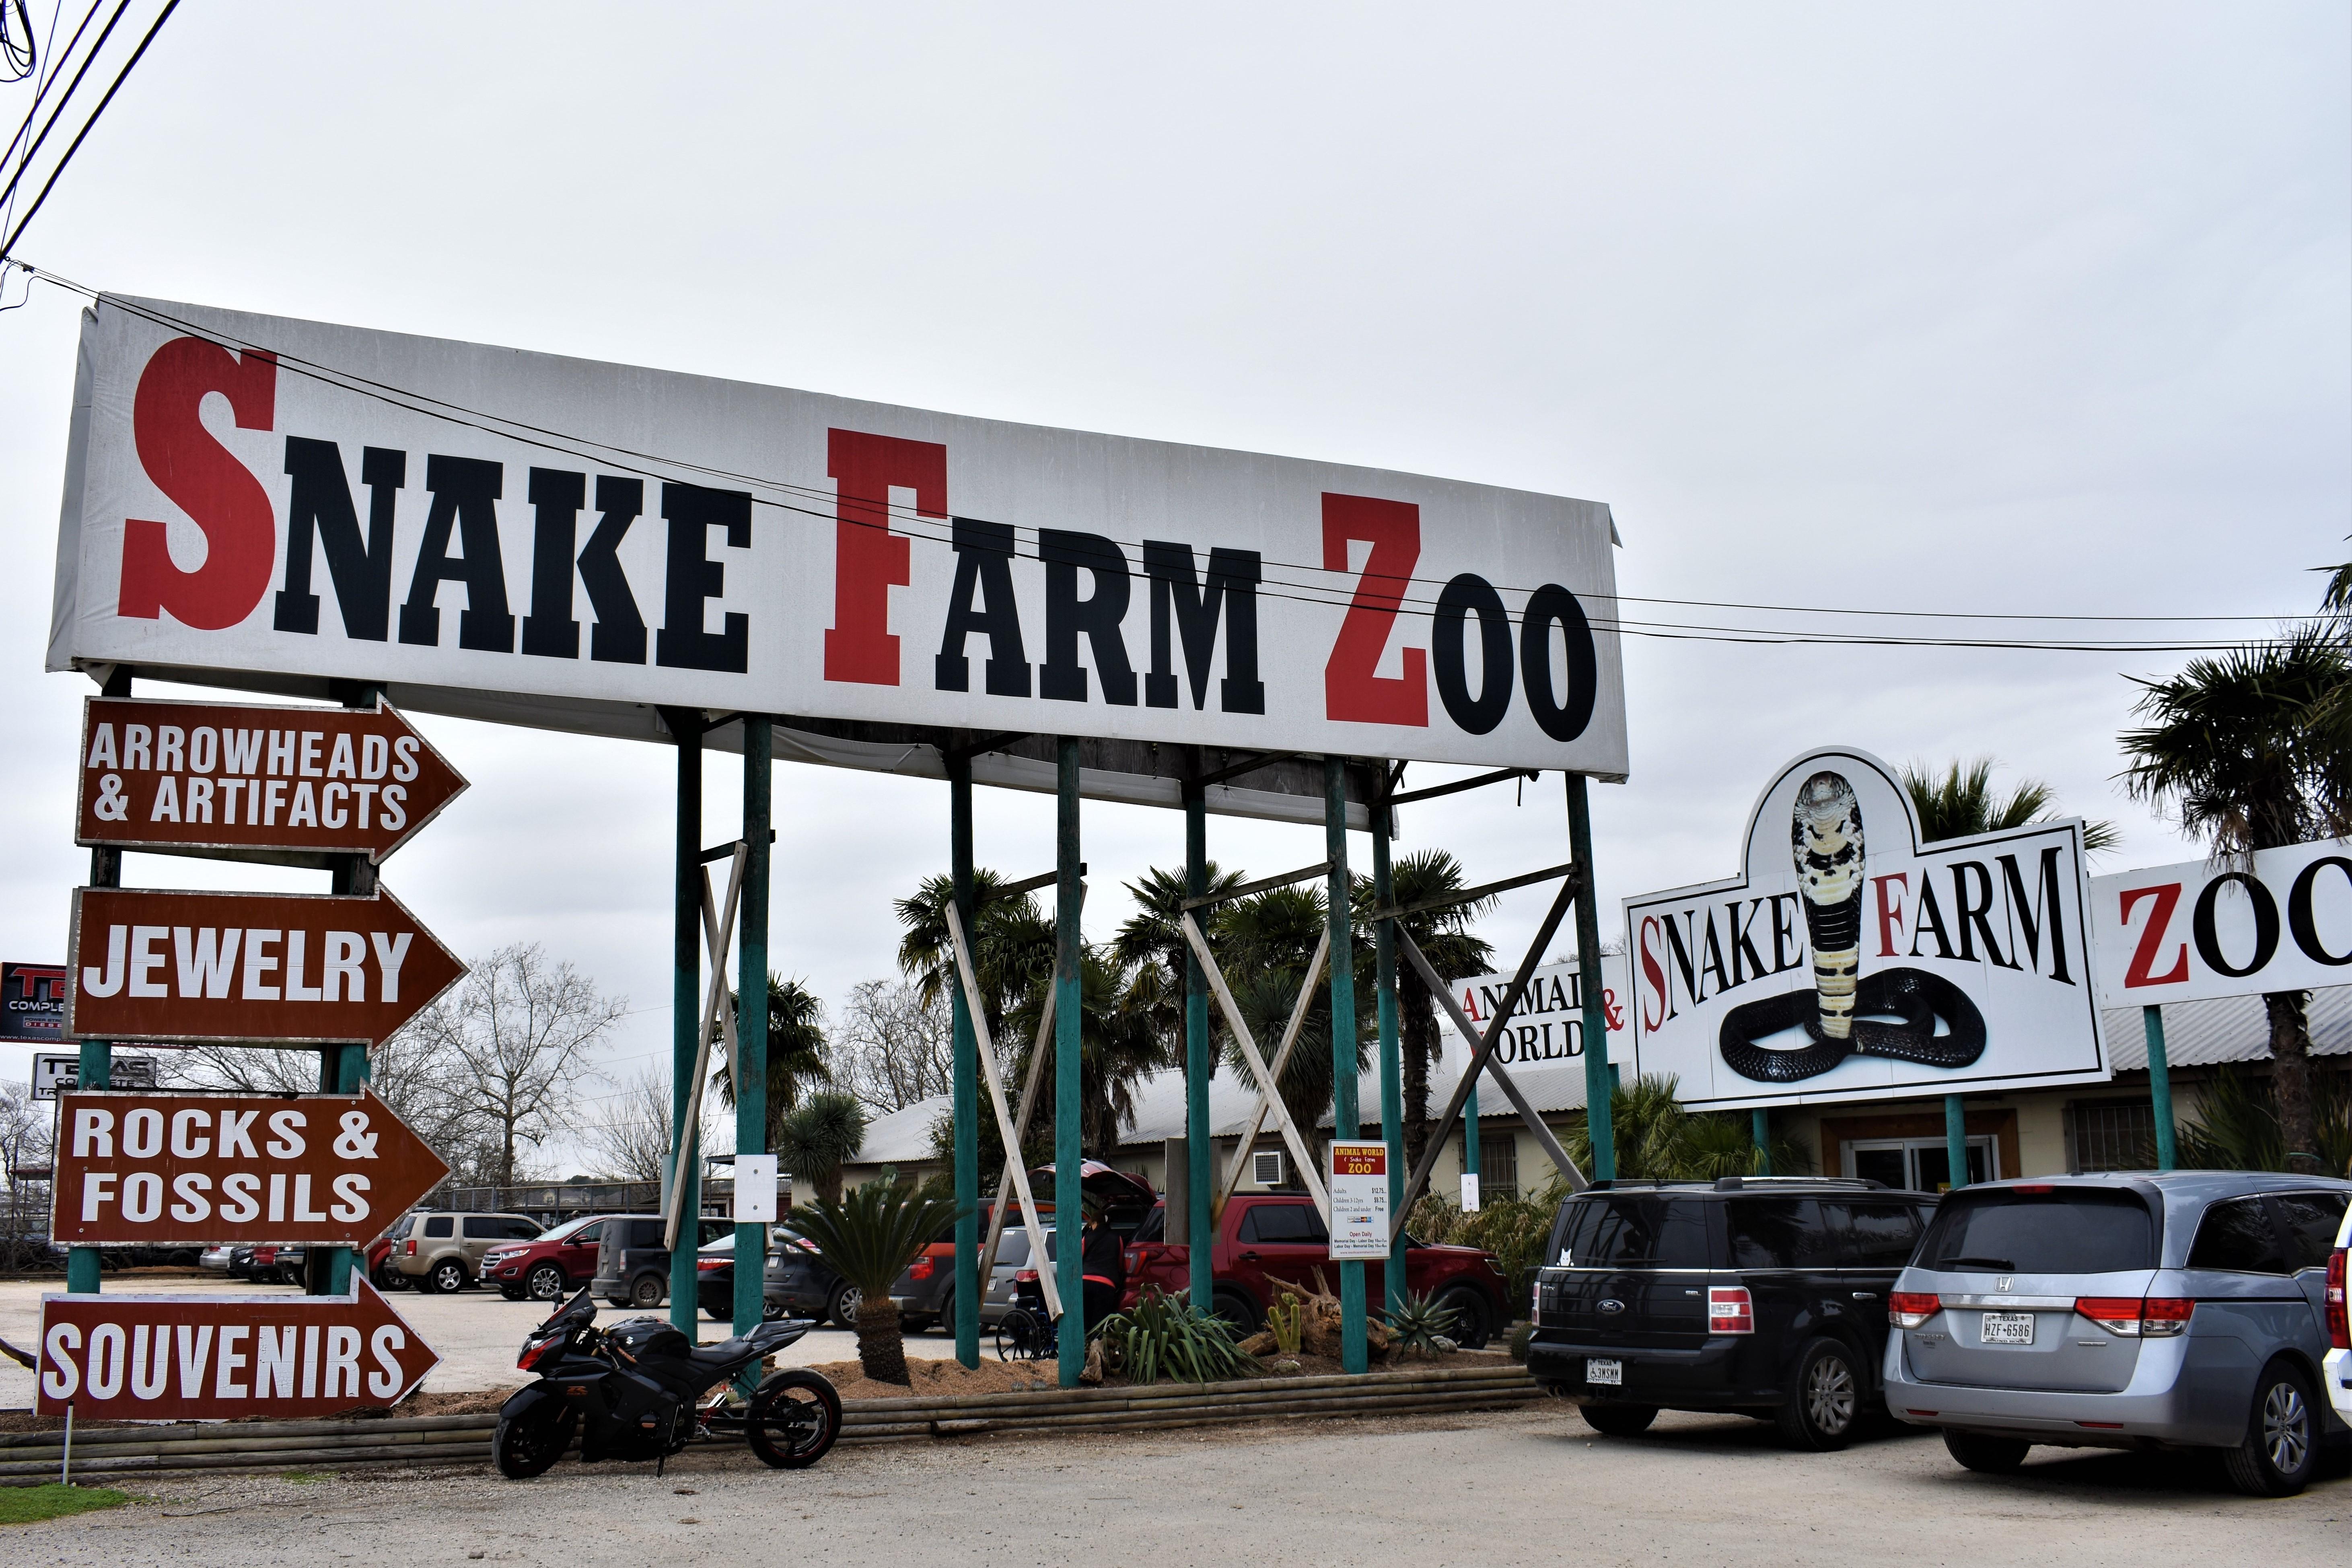 snake farm coupon 2019